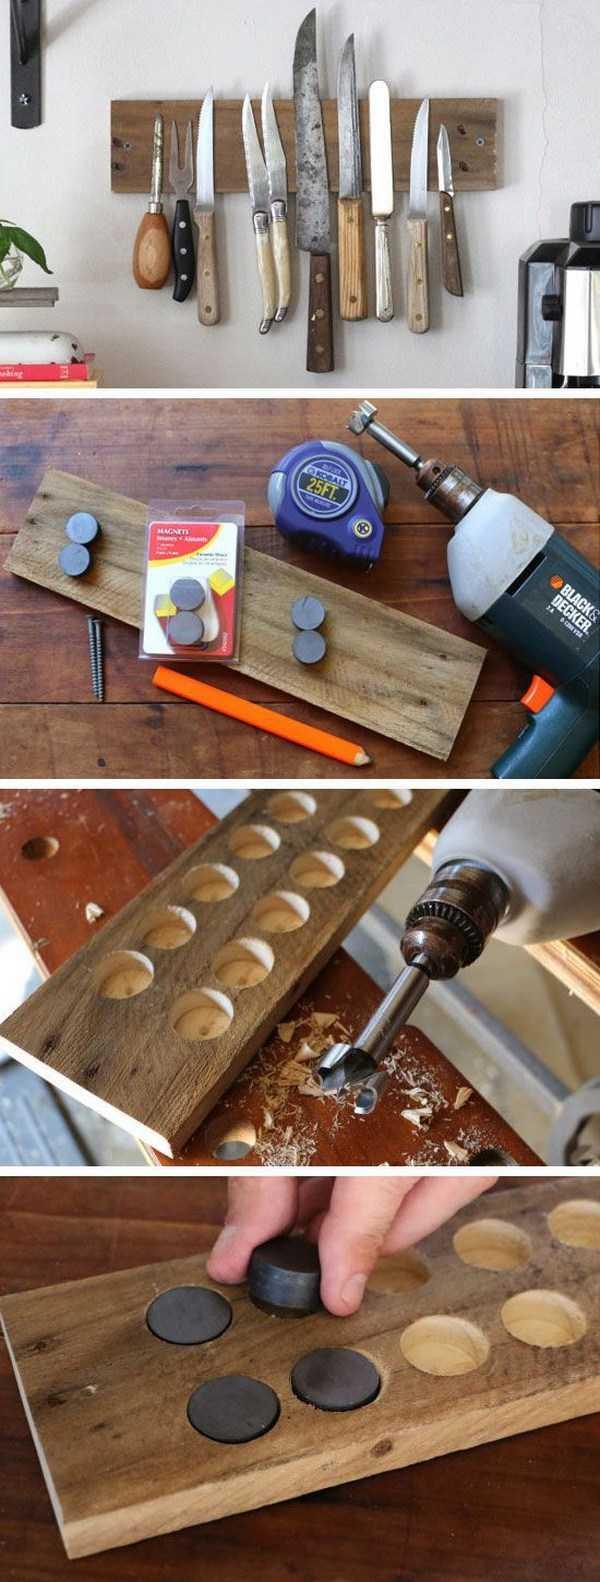 Как хранить вещи дома при помощи магнитов 1 | Дока-Мастер